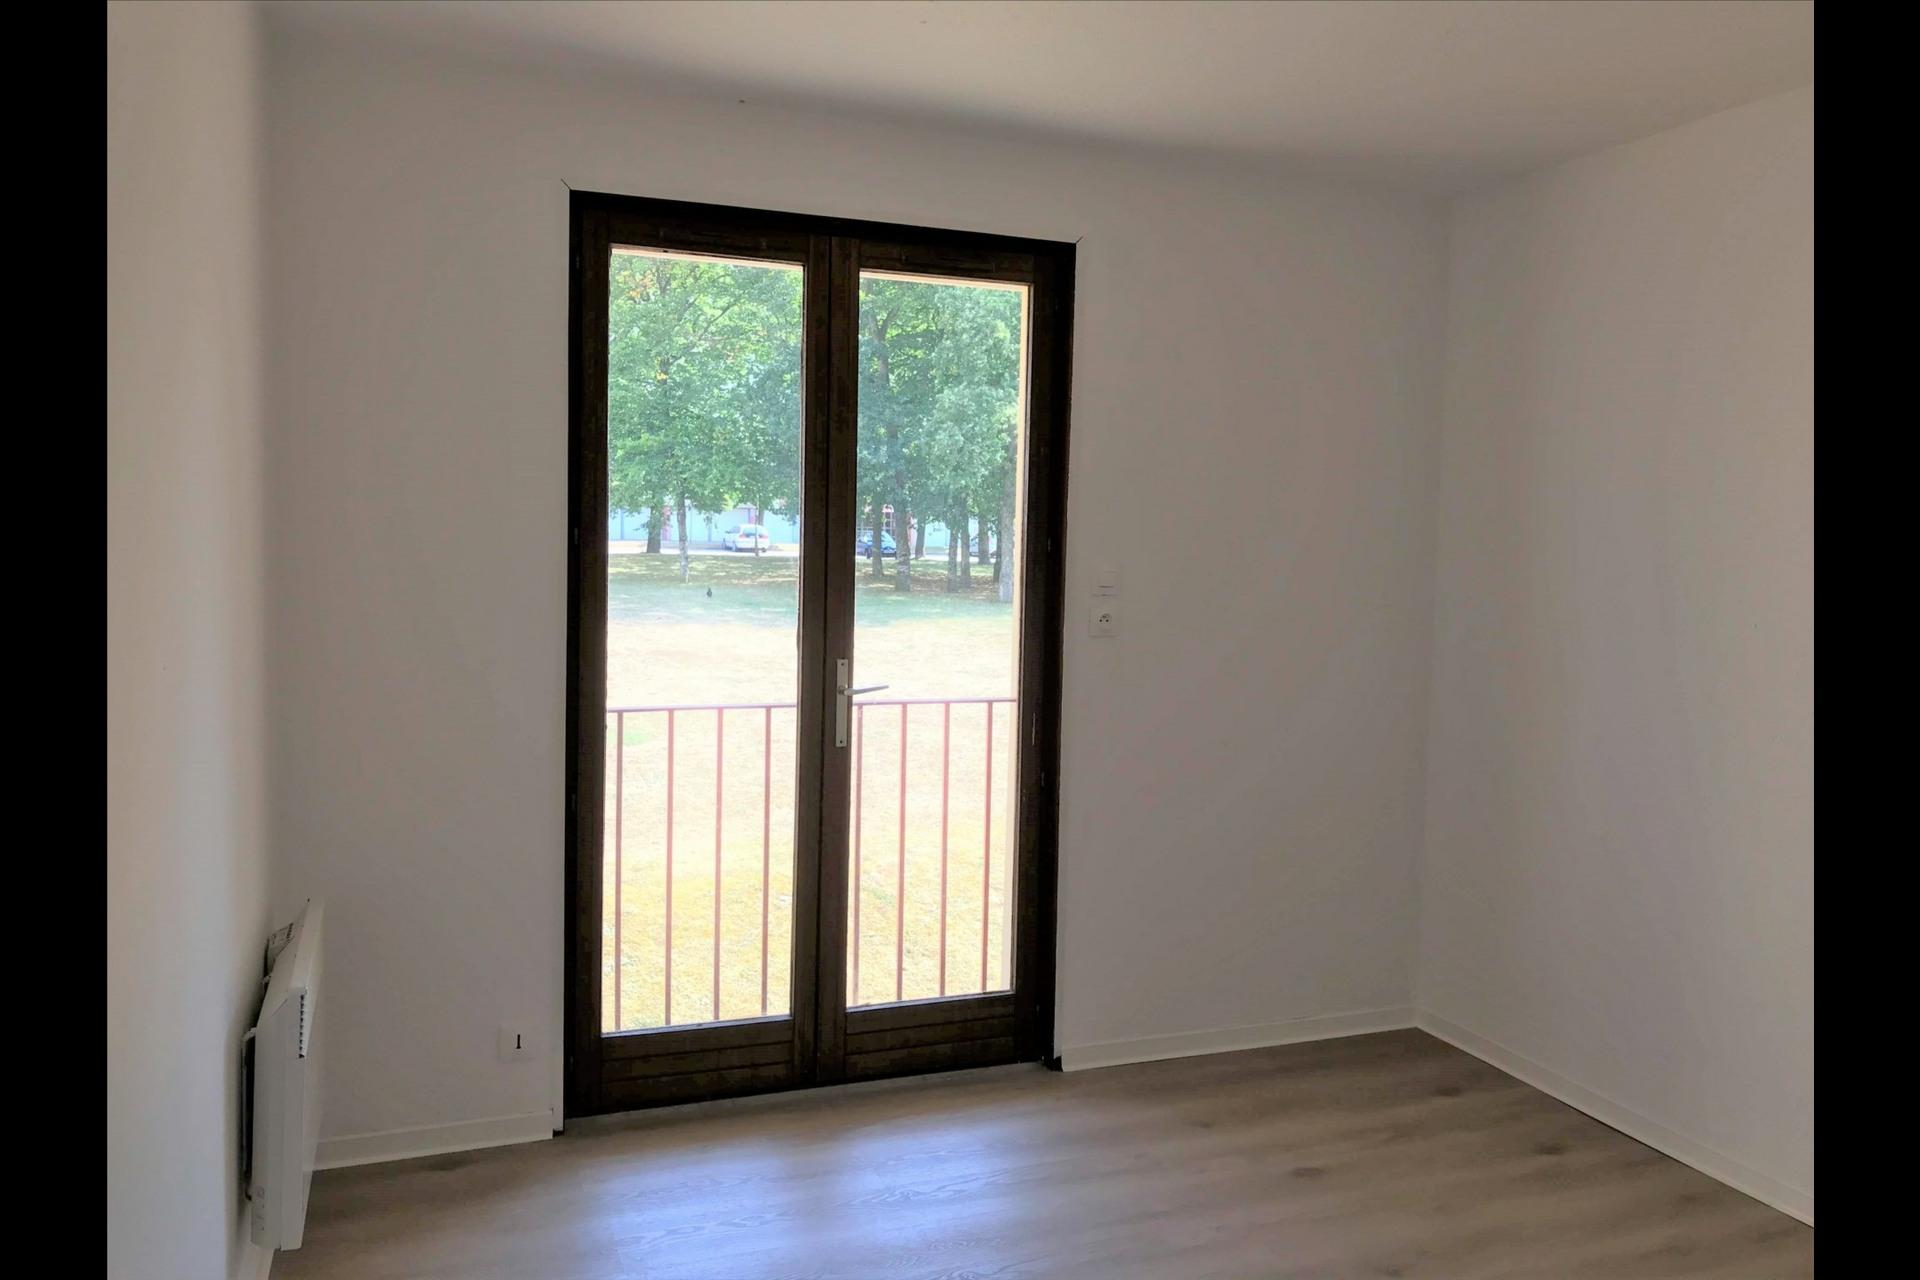 image 4 - Appartement À louer VANDOEUVRE LES NANCY VANDOEUVRE  BRABOIS Plateau de Brabois - 1 pièce